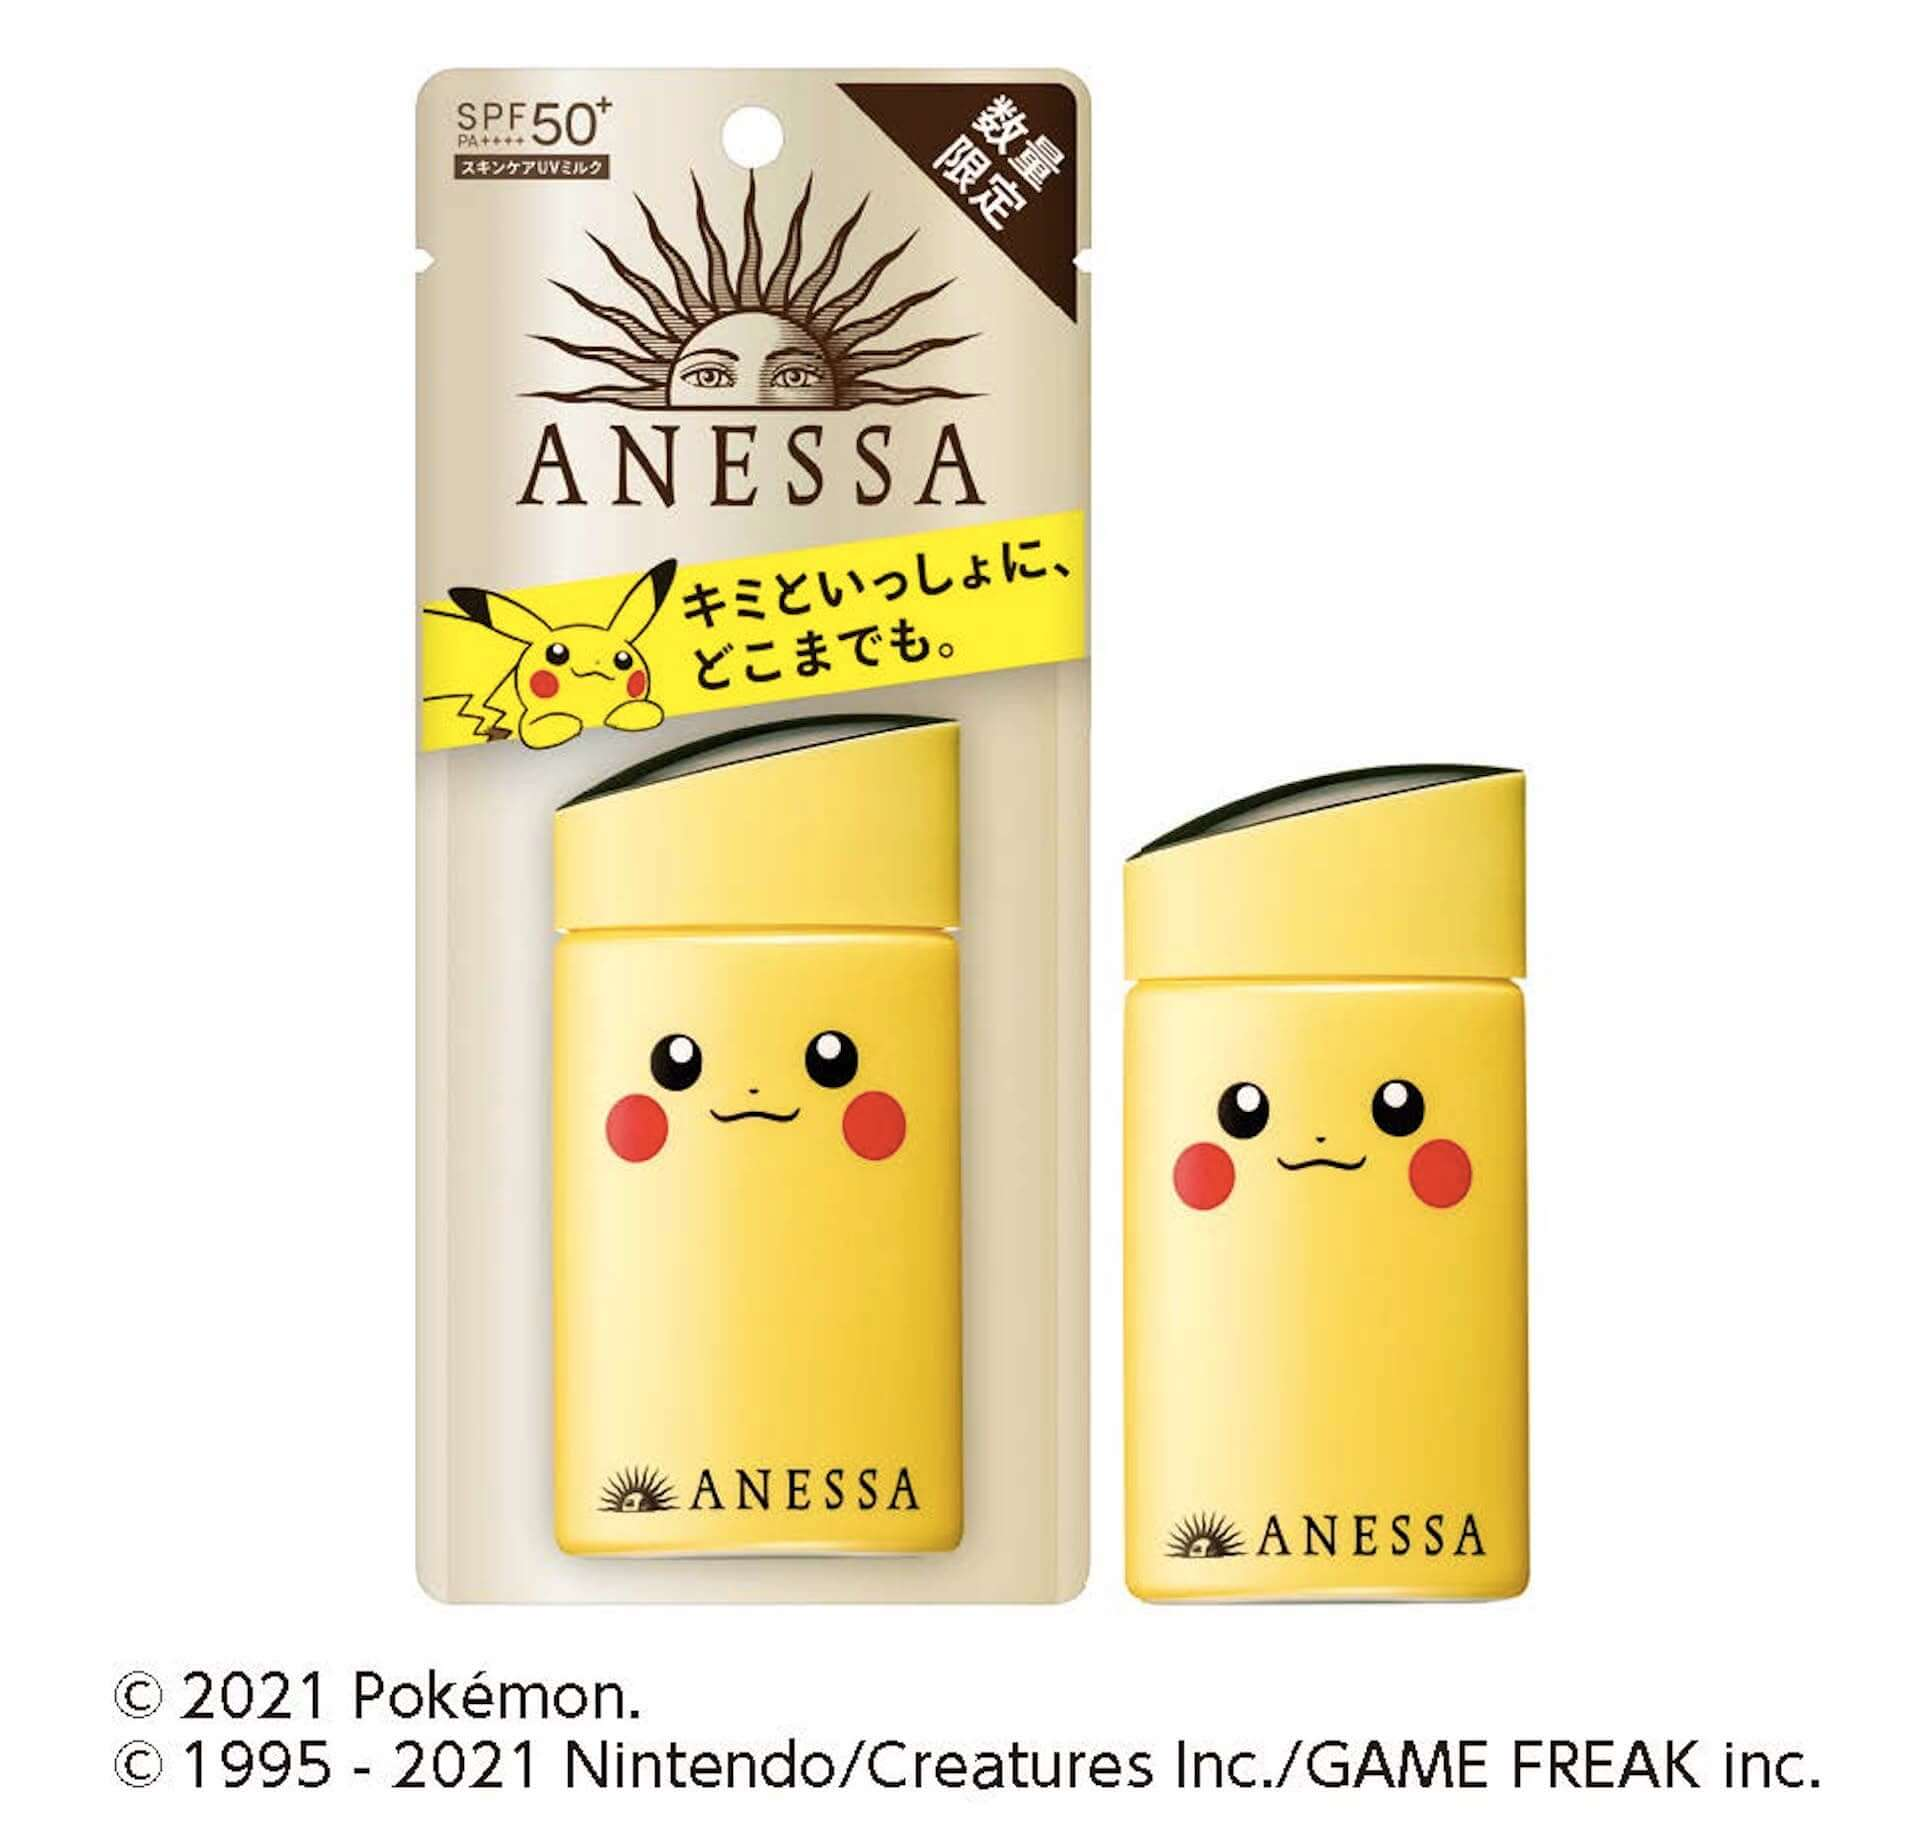 アネッサとポケモンのコラボが実現!ピカチュウ、イーブイ、ゼニガメの日焼け止めが数量限定で発売決定 life210226_pokemon_anessa_10